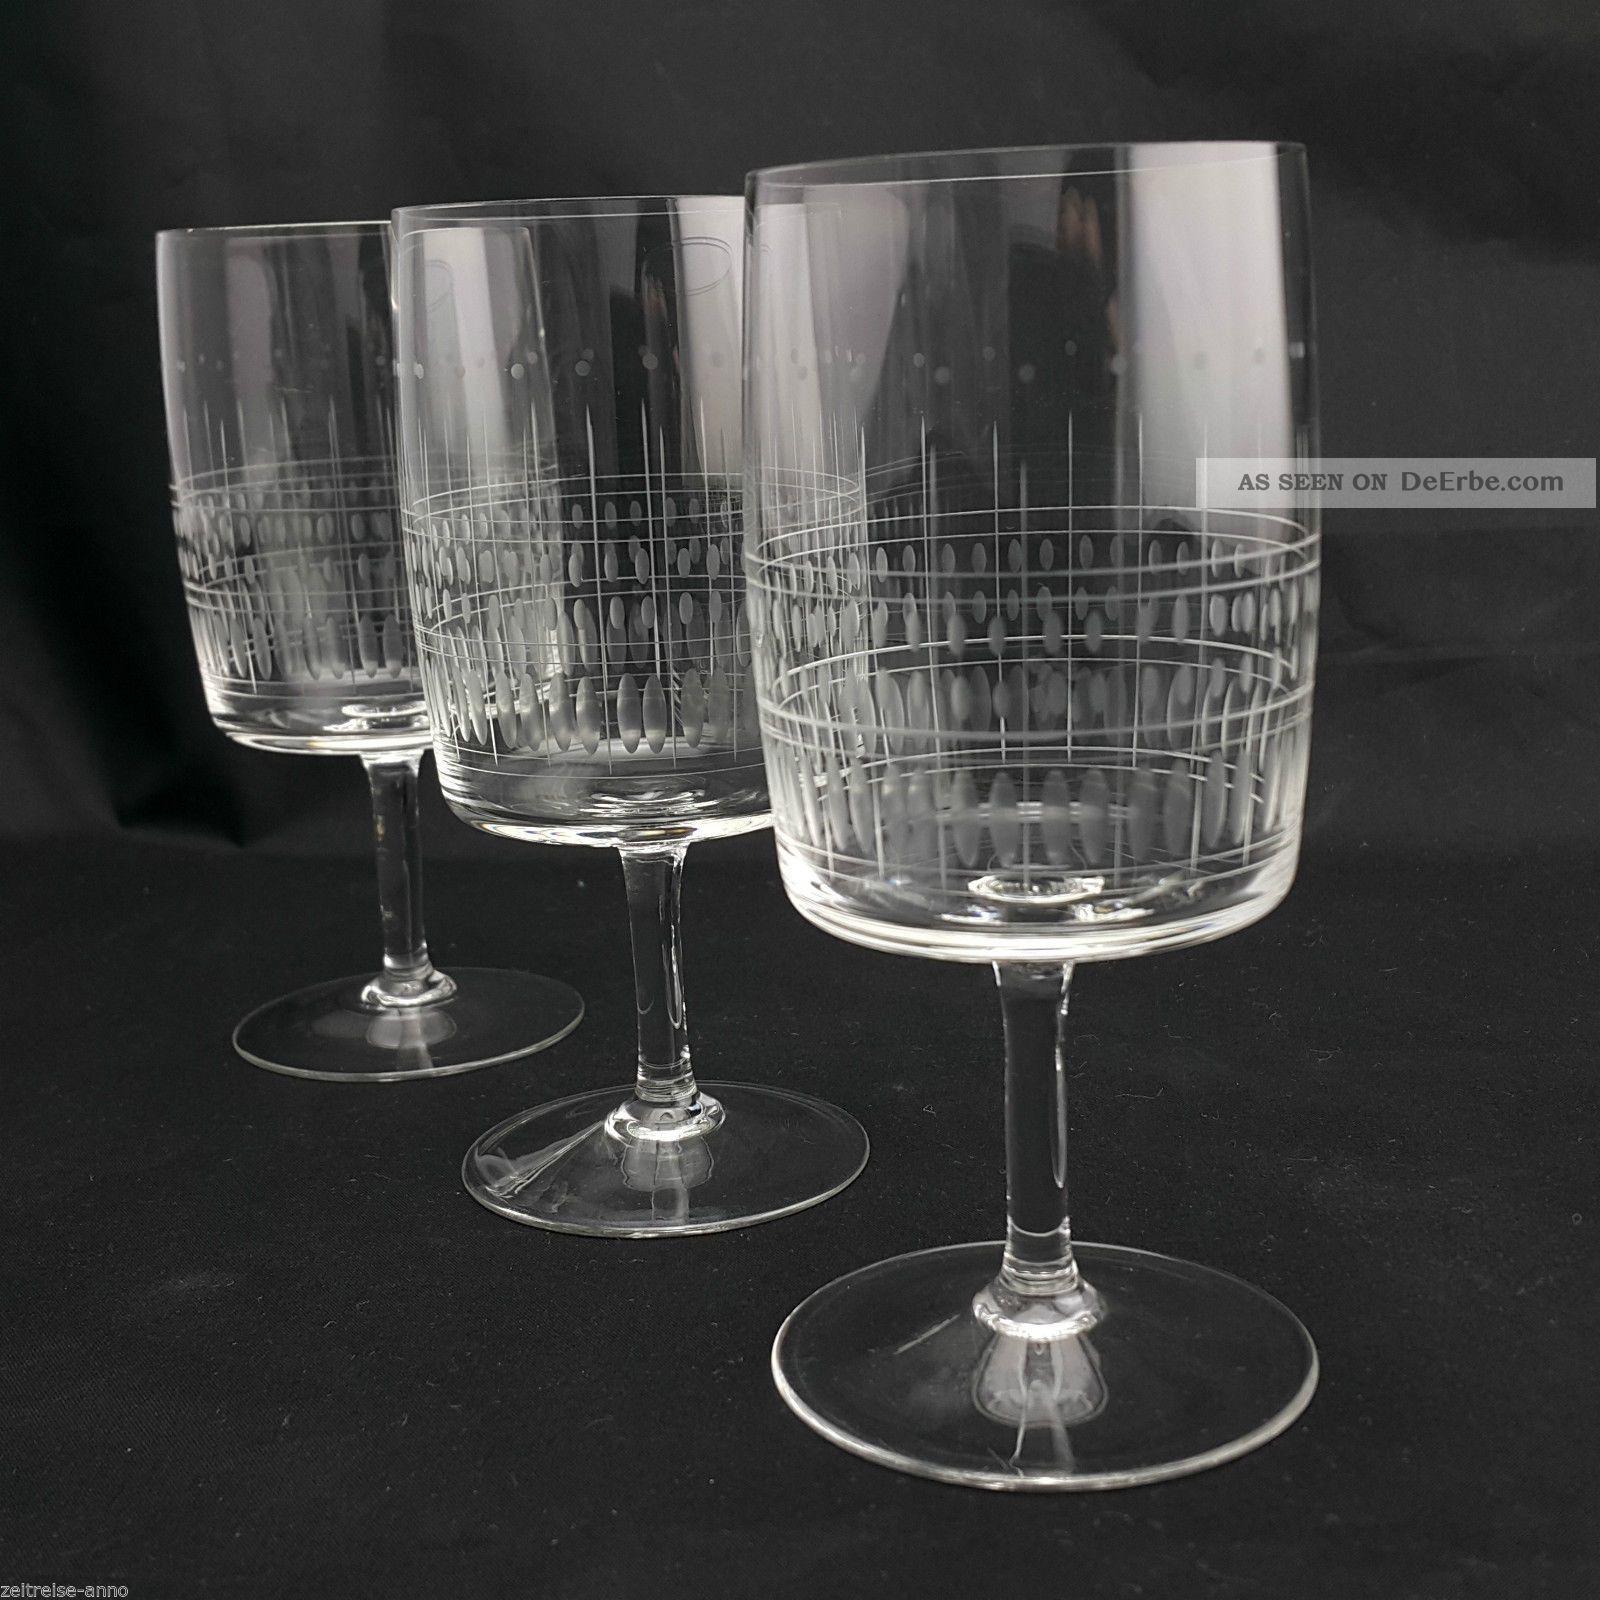 3 Kristall Weingläser Dünnwandig Feiner Streifen Olivenschliff Vintage Design Kristall Bild